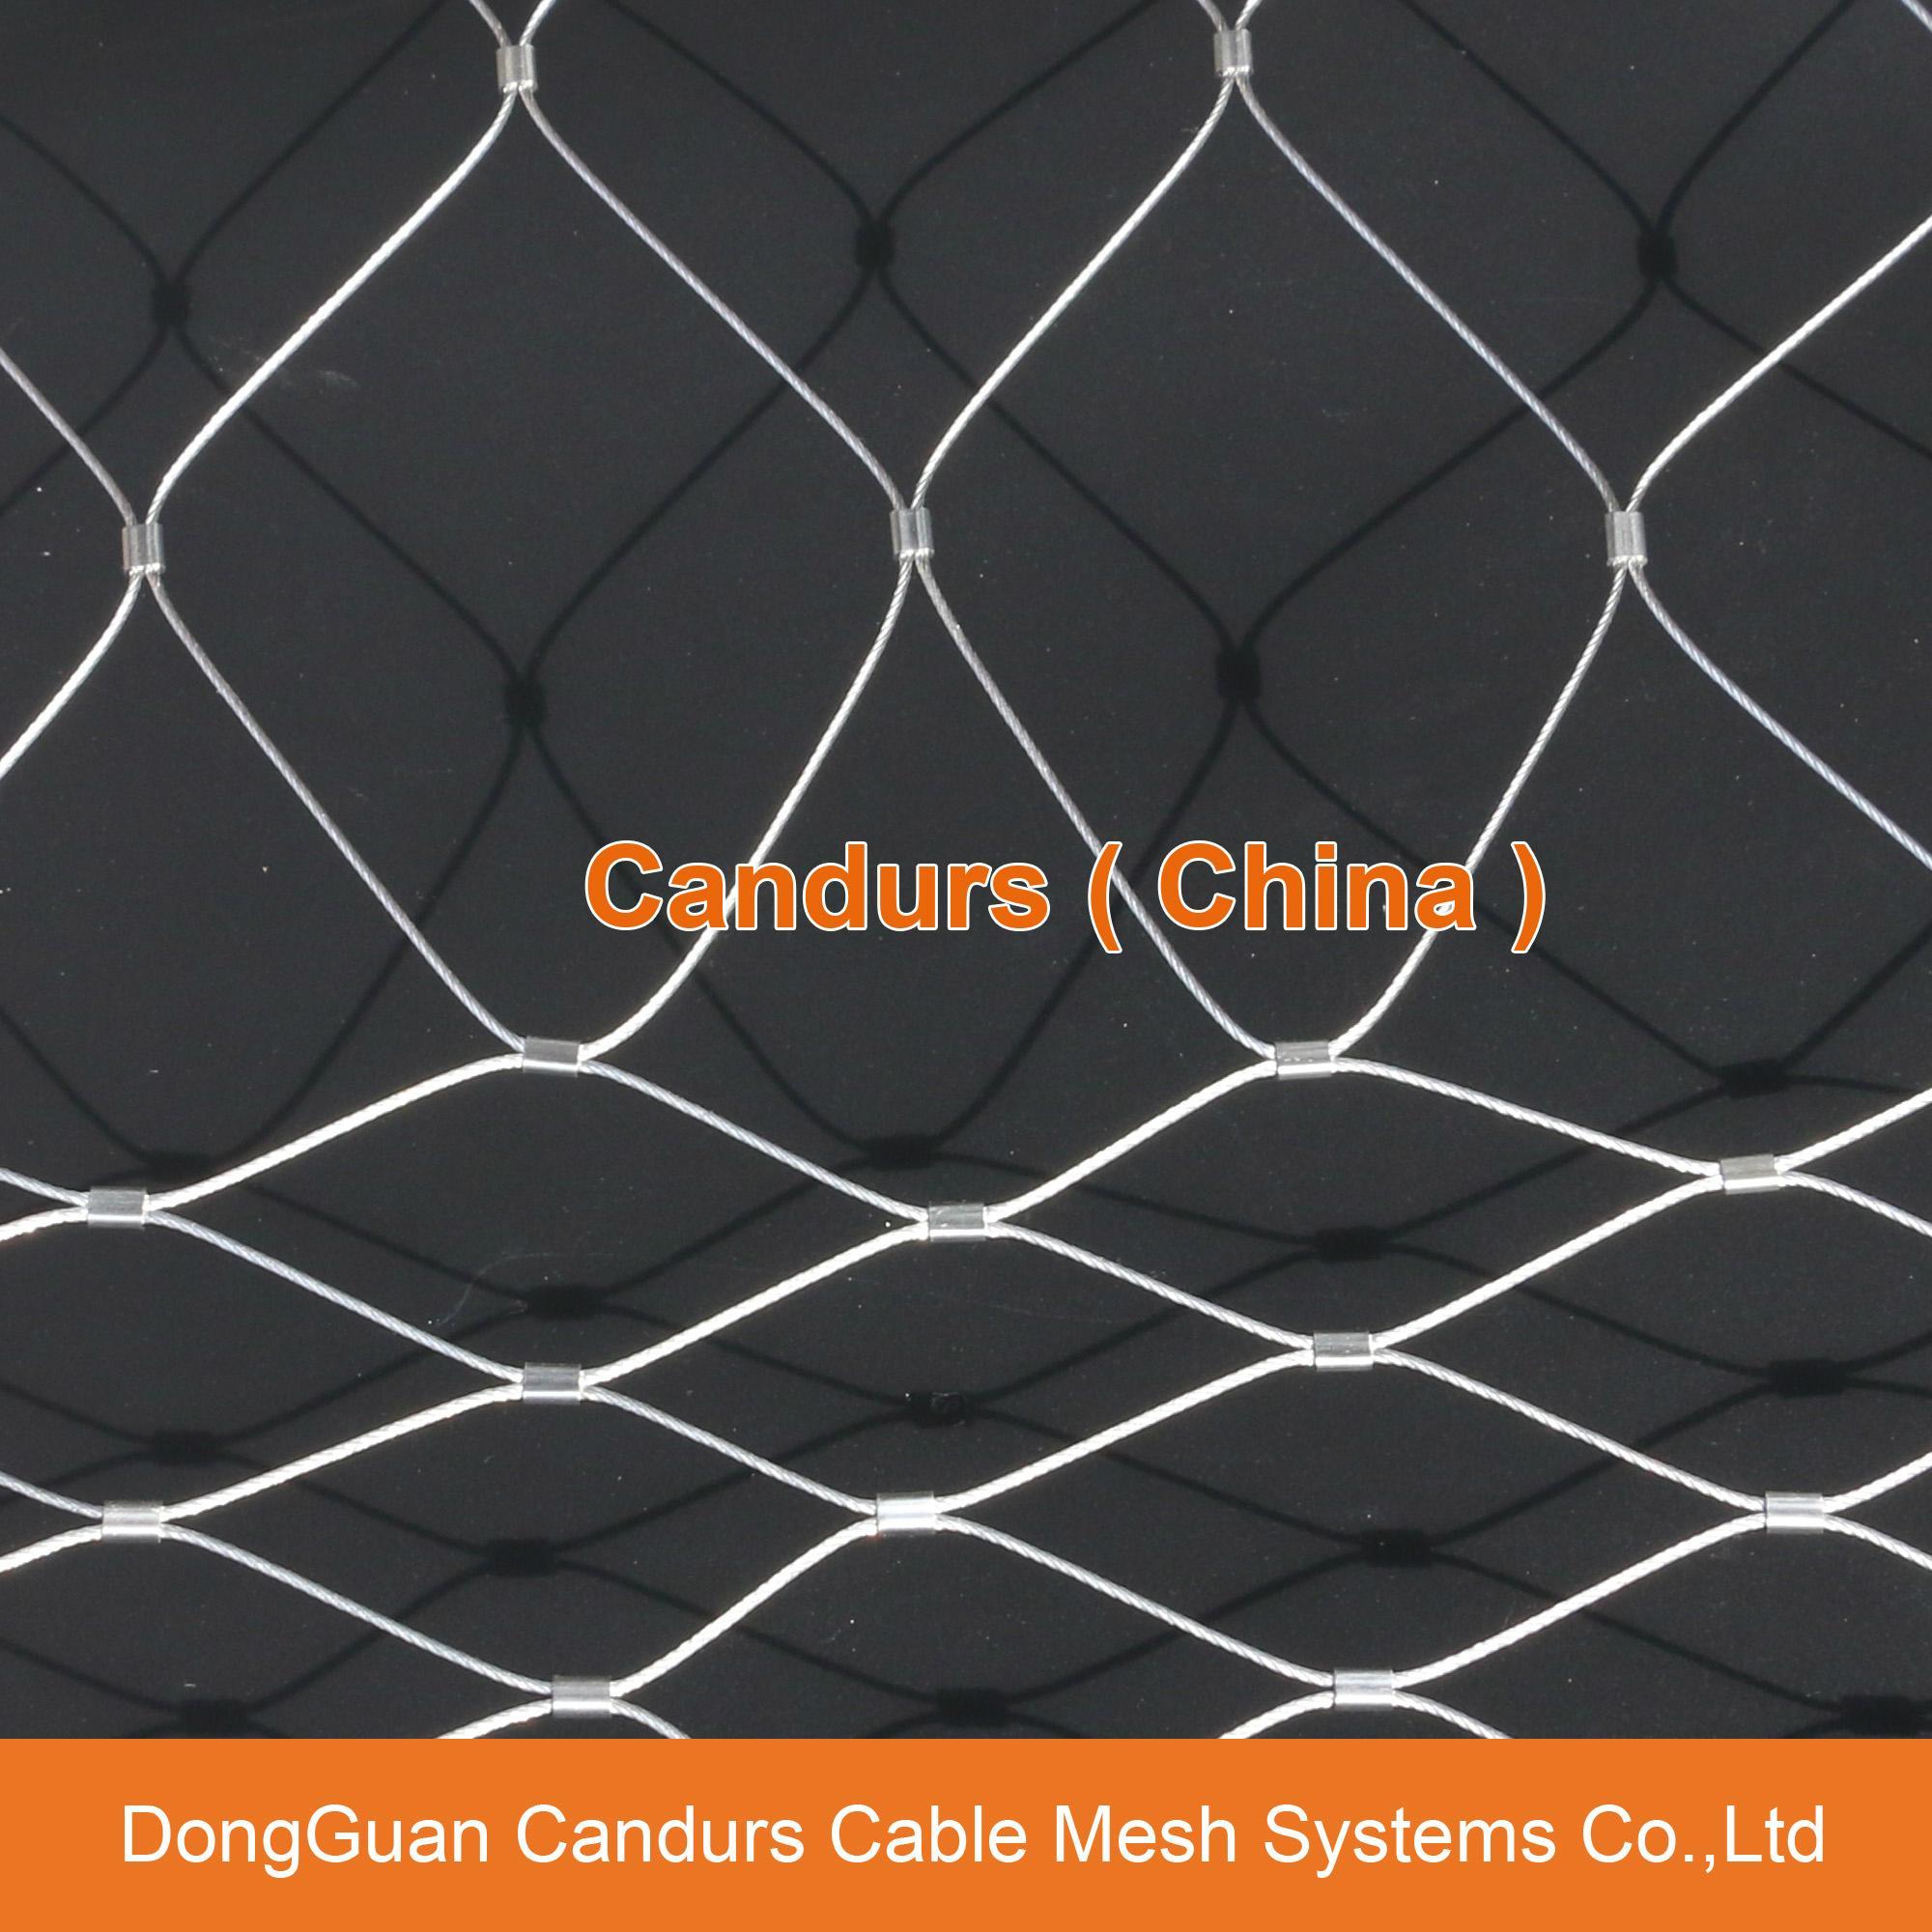 昌達不鏽鋼絲繩網——美標316不鏽鋼繩網 16